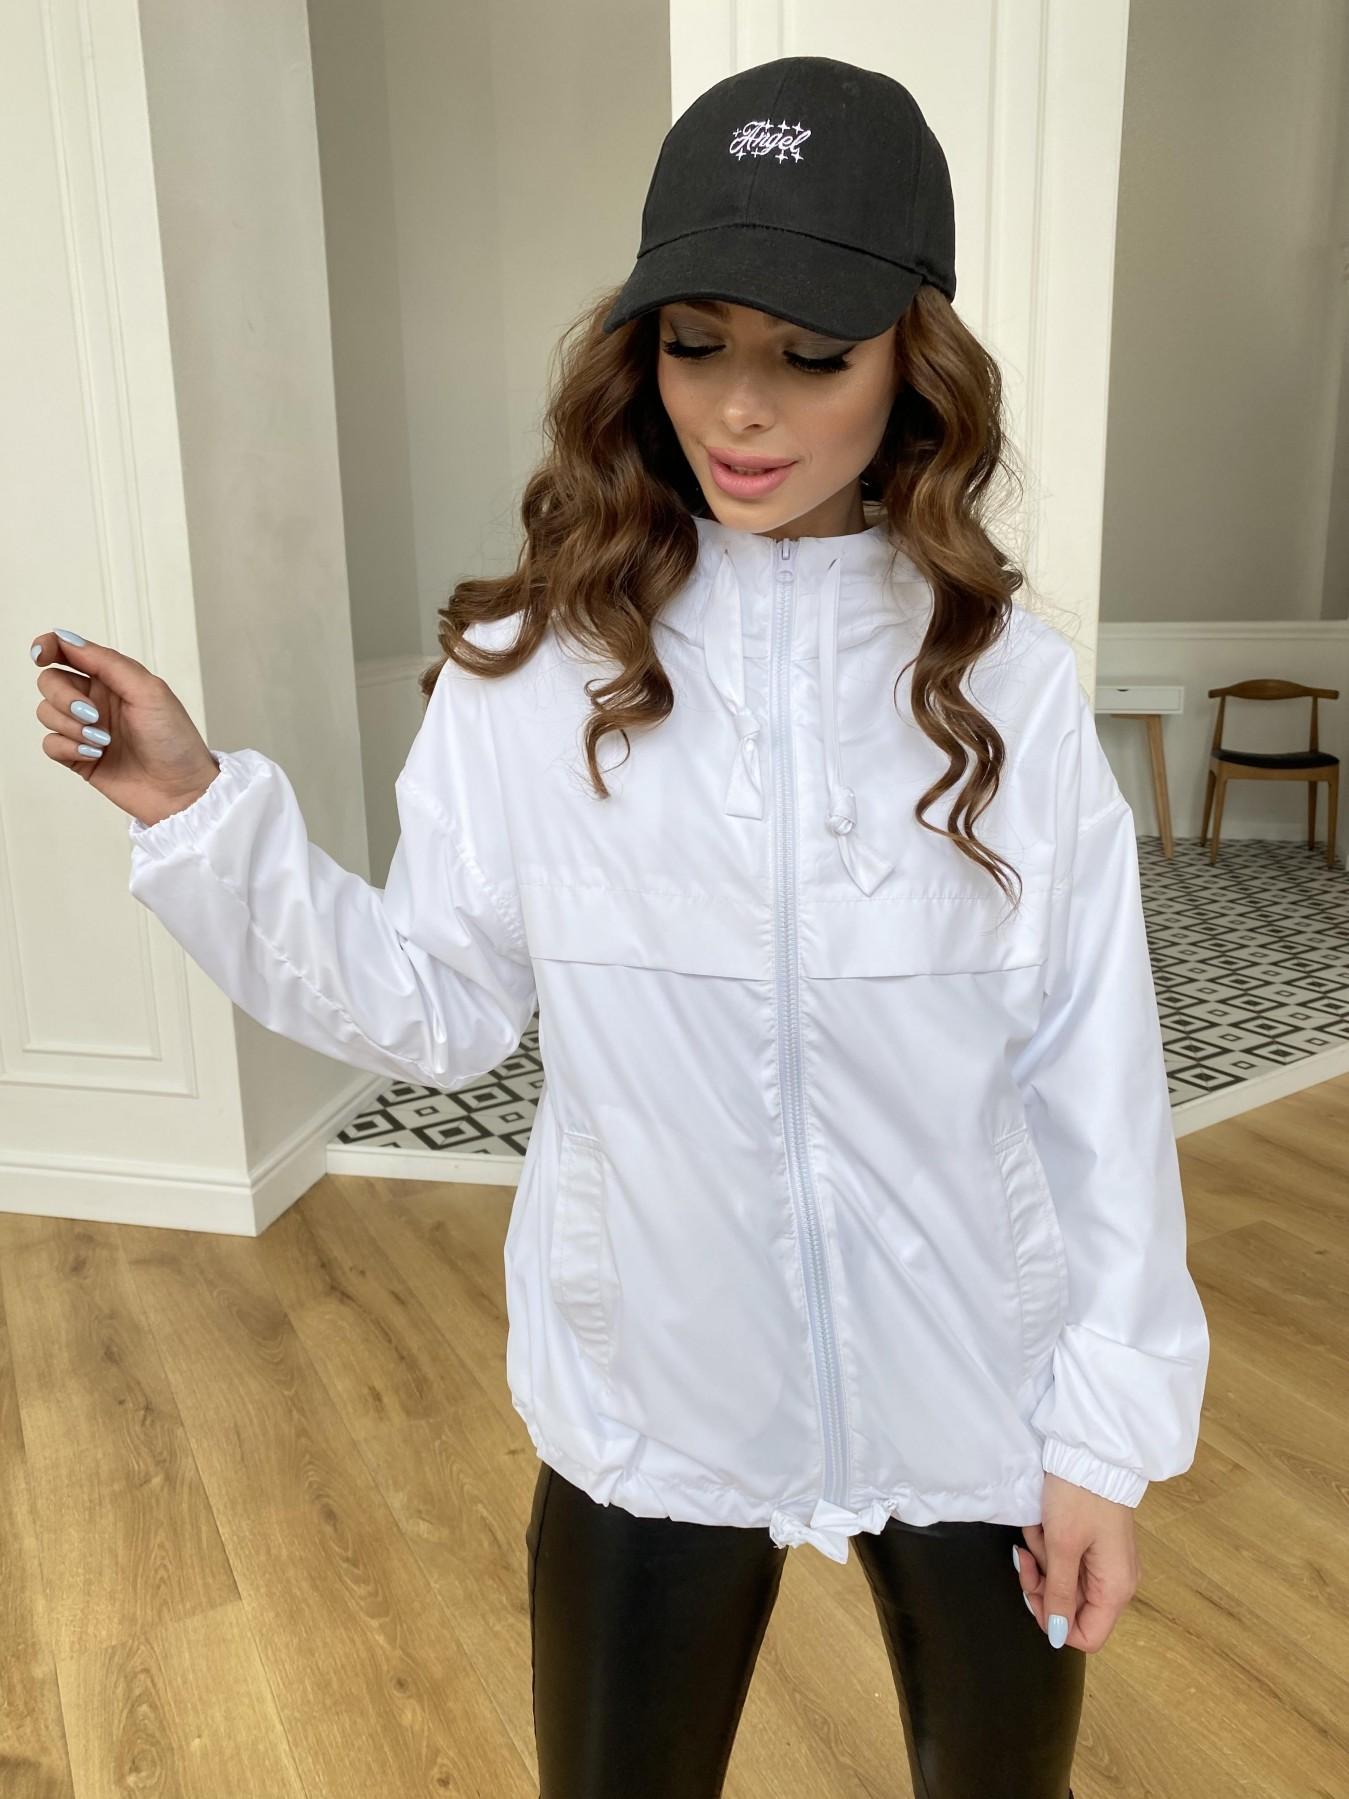 Фит куртка из плащевой ткани Ammy 11013 АРТ. 47646 Цвет: Молоко 12 - фото 11, интернет магазин tm-modus.ru